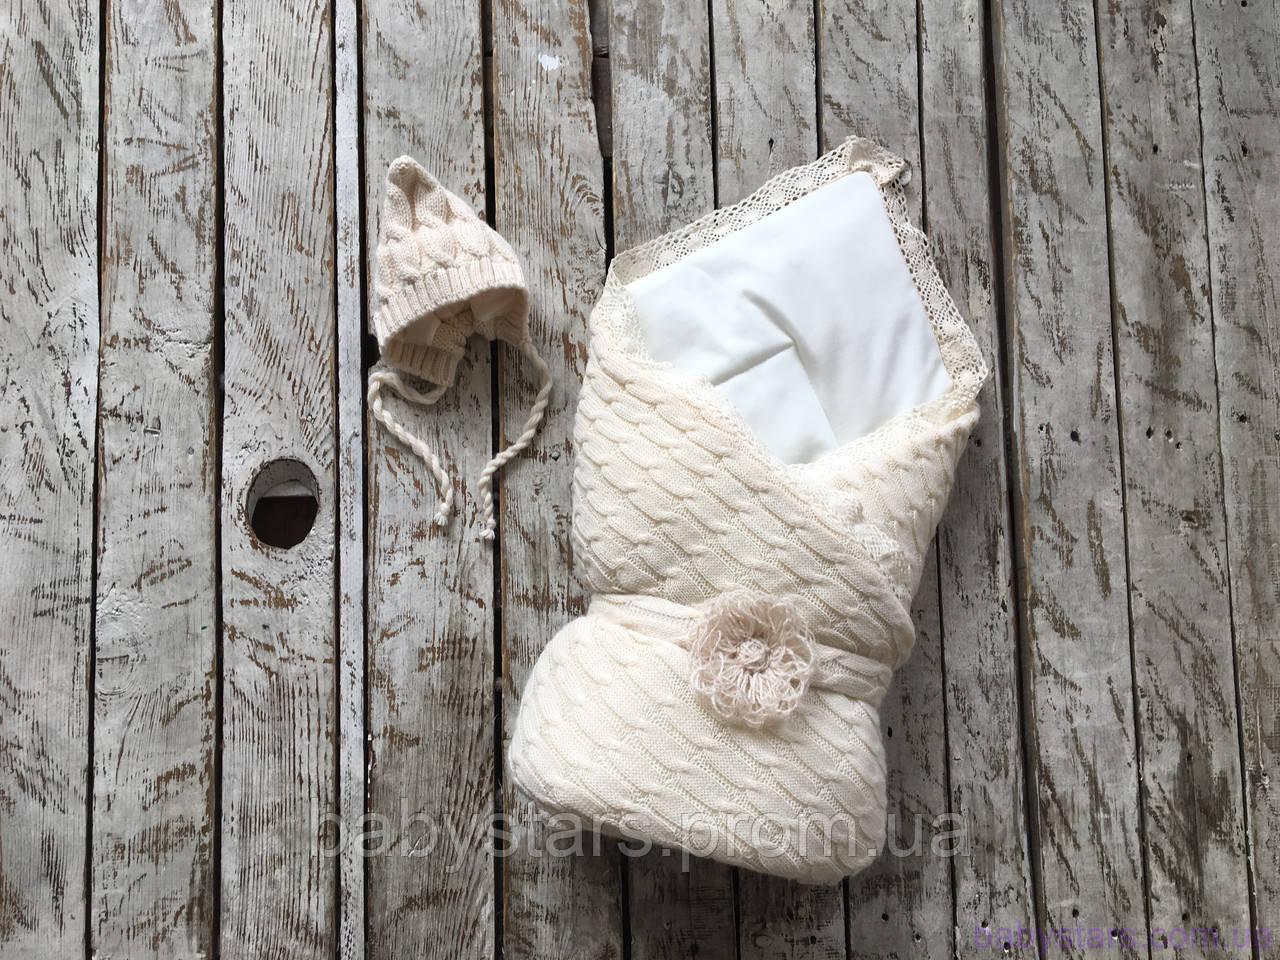 """Демисезонный вязаный набор для новорожденного """"Дует"""" на трикотаже, бежевого цвета"""